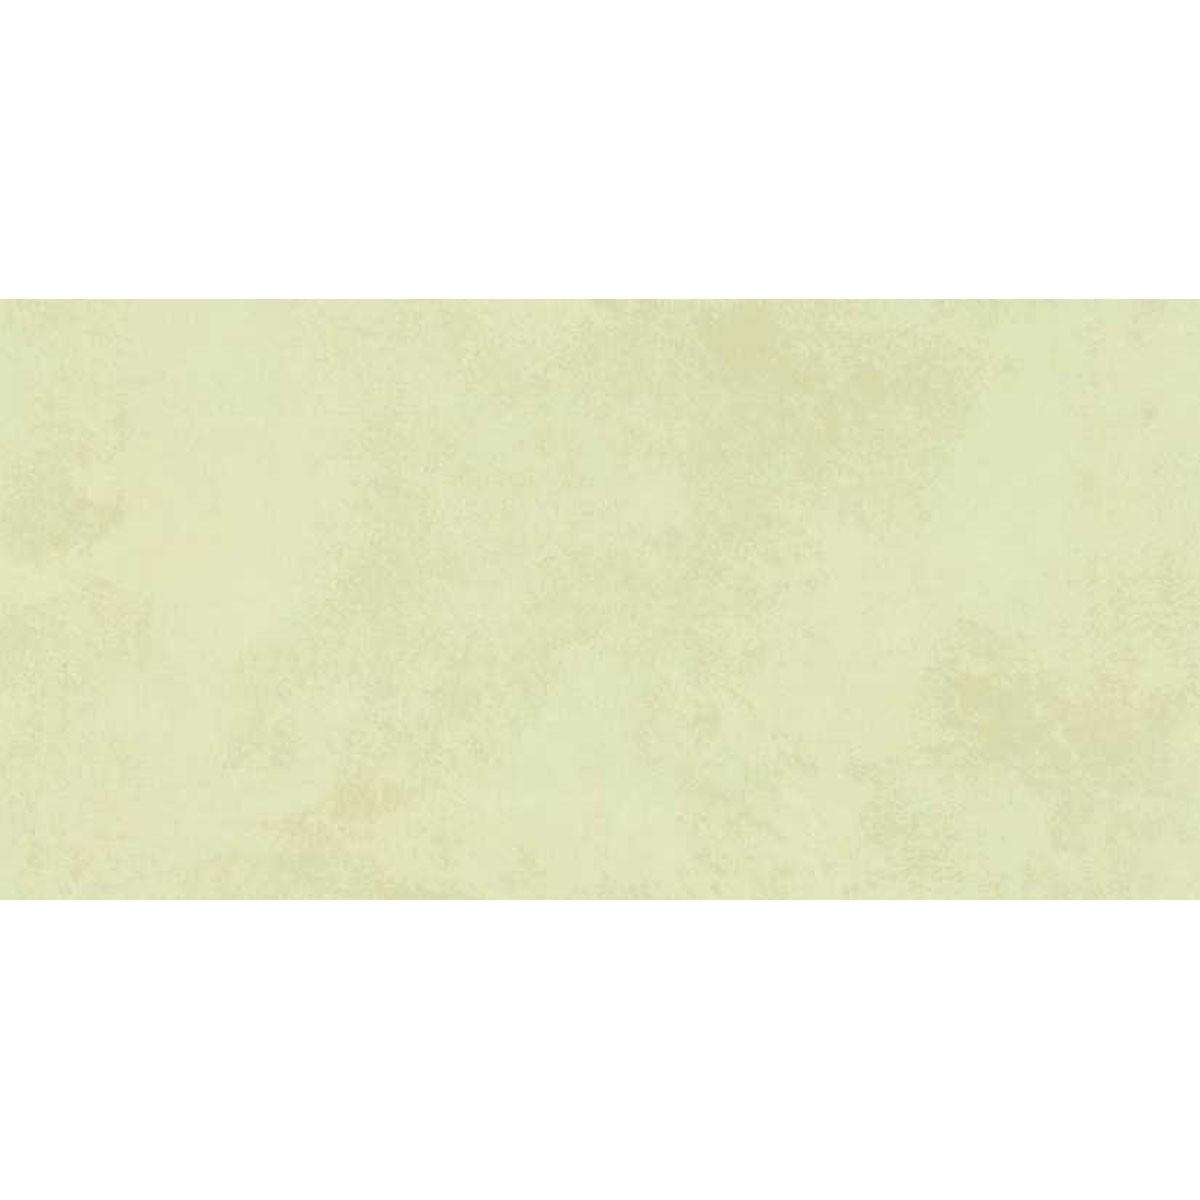 24 x 12 po Carreau de Sol Beige - 8 Pcs/Boîte (15.50 sq.ft/Boîte) (UR60B)